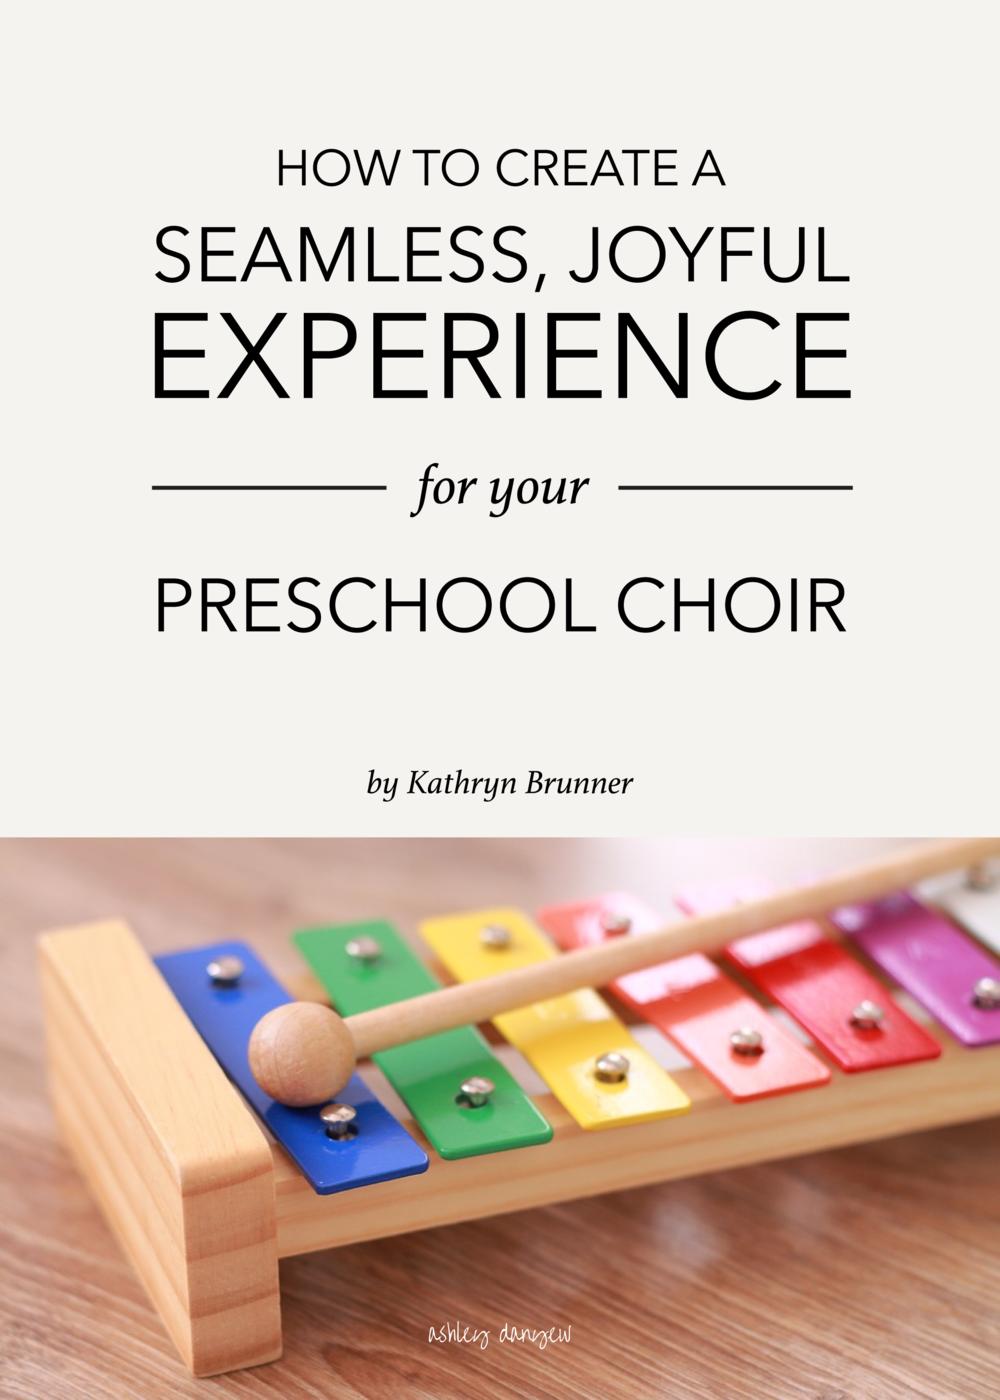 Copy of How to Create a Seamless, Joyful Experience for Your Preschool Choir